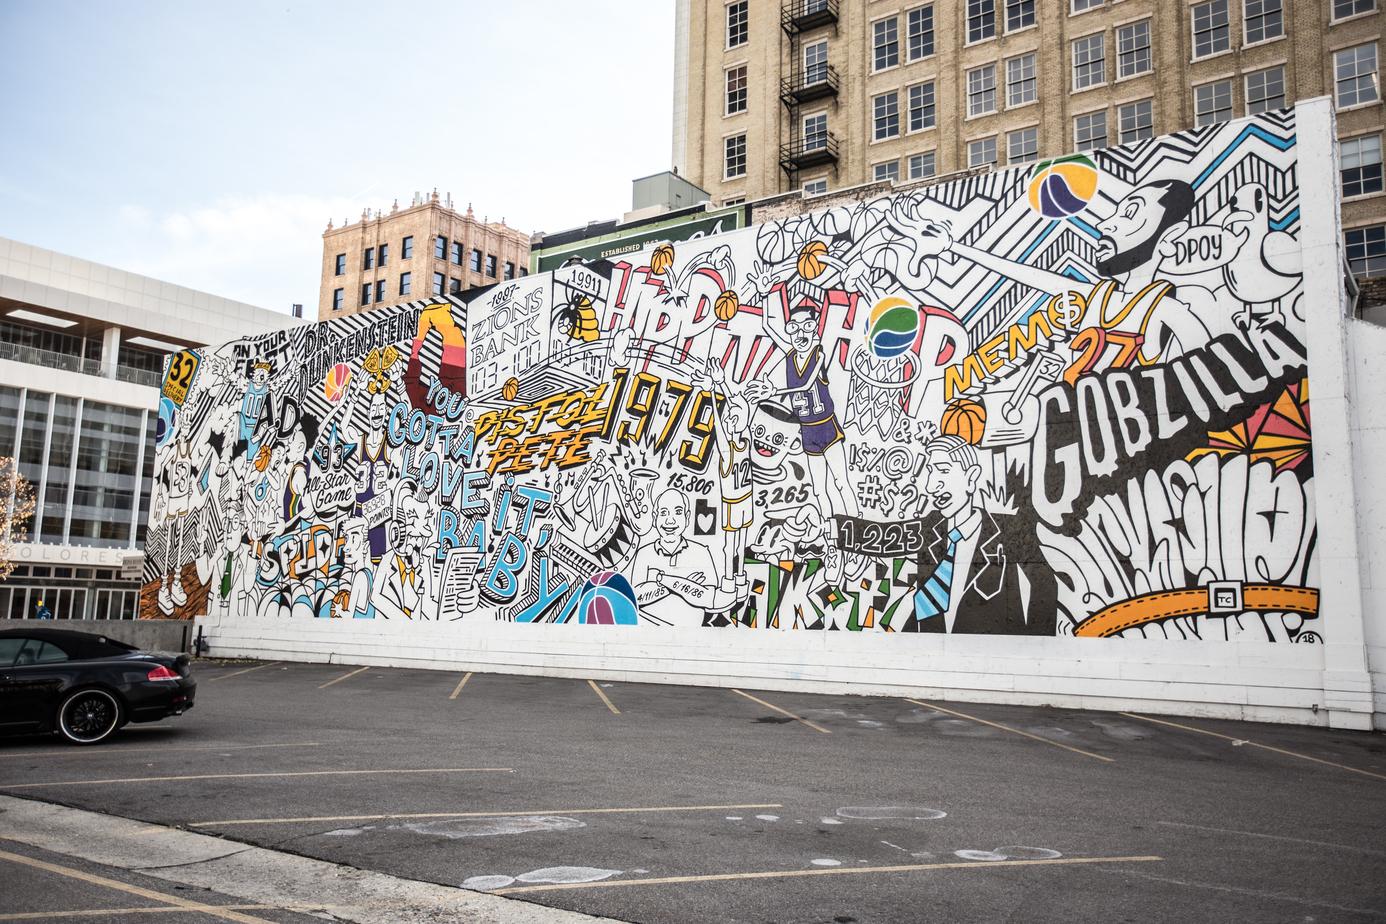 Basketball mural in Downtown Salt Lake City, Utah